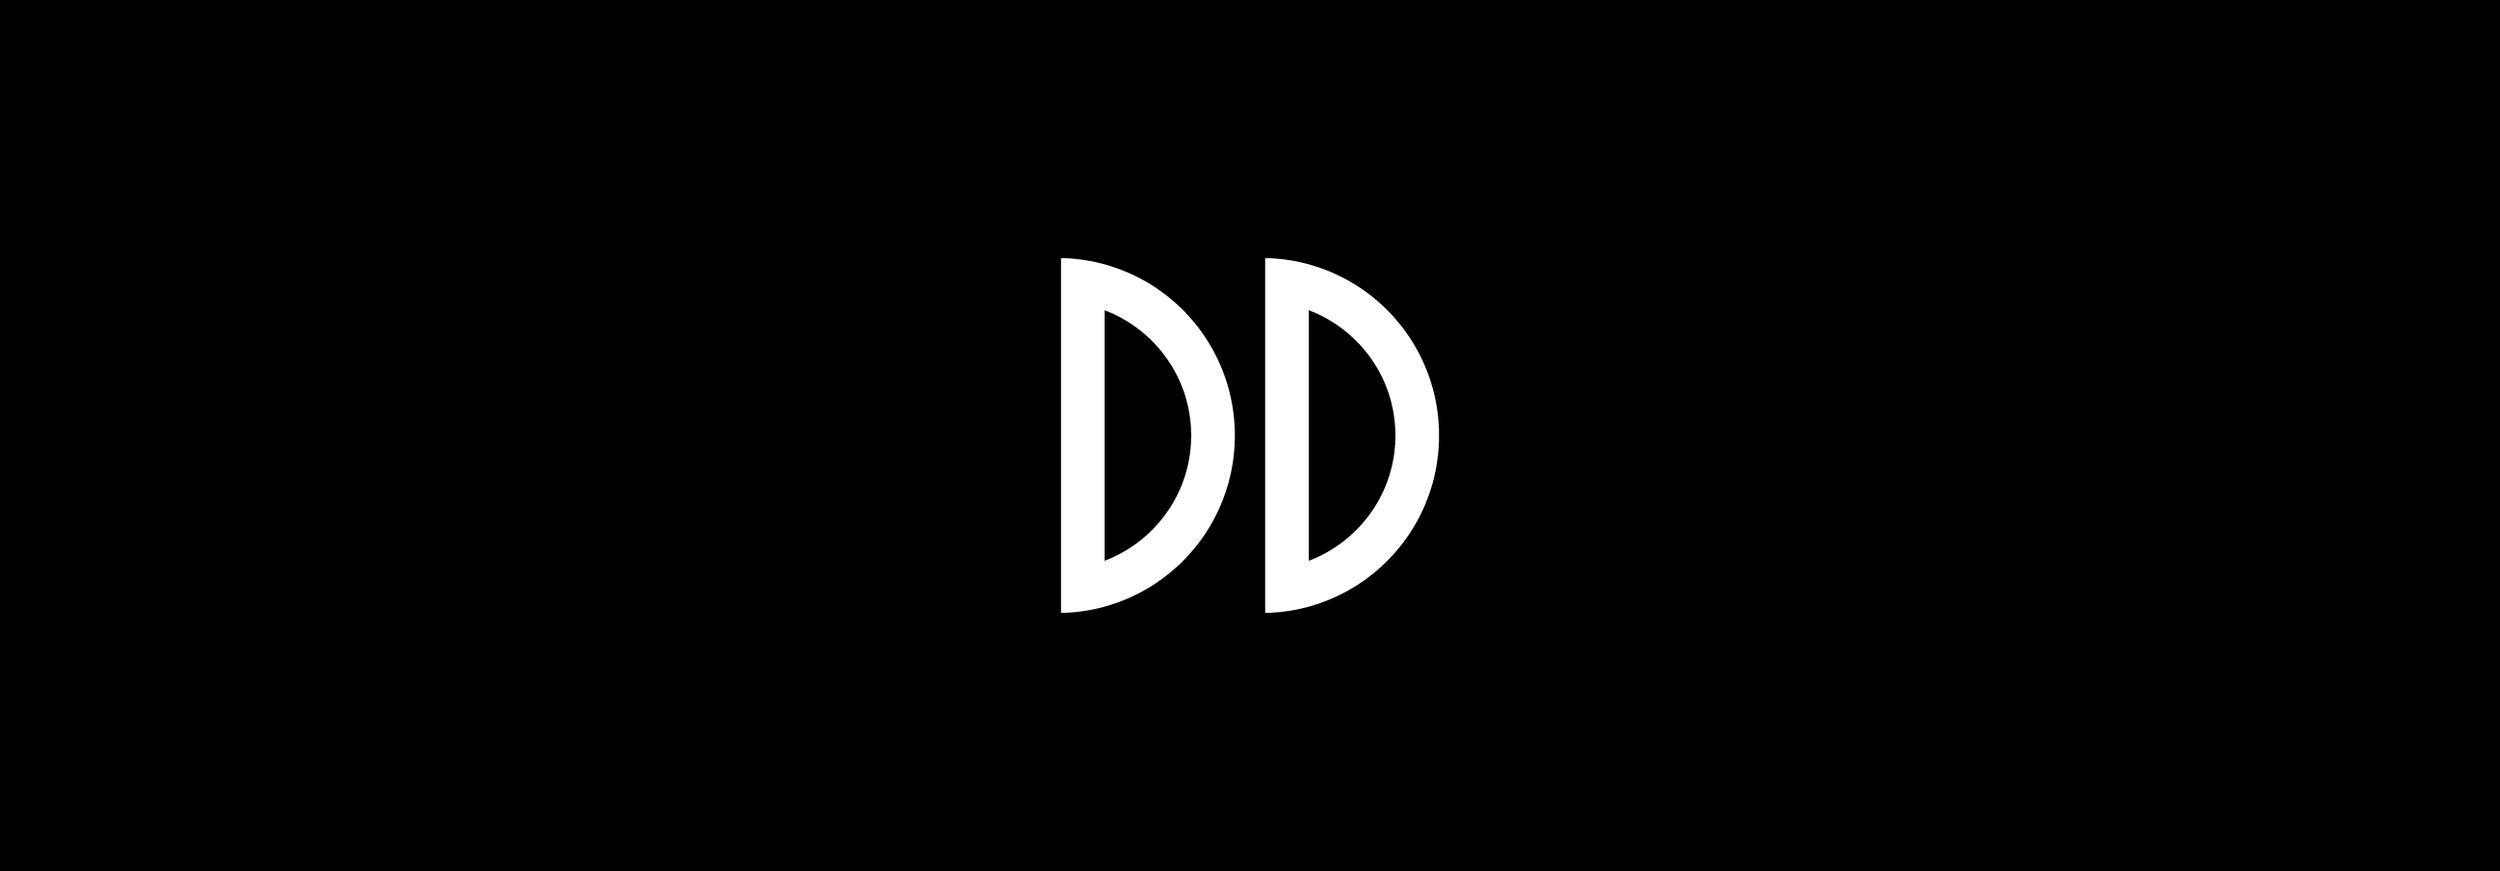 DD3.png